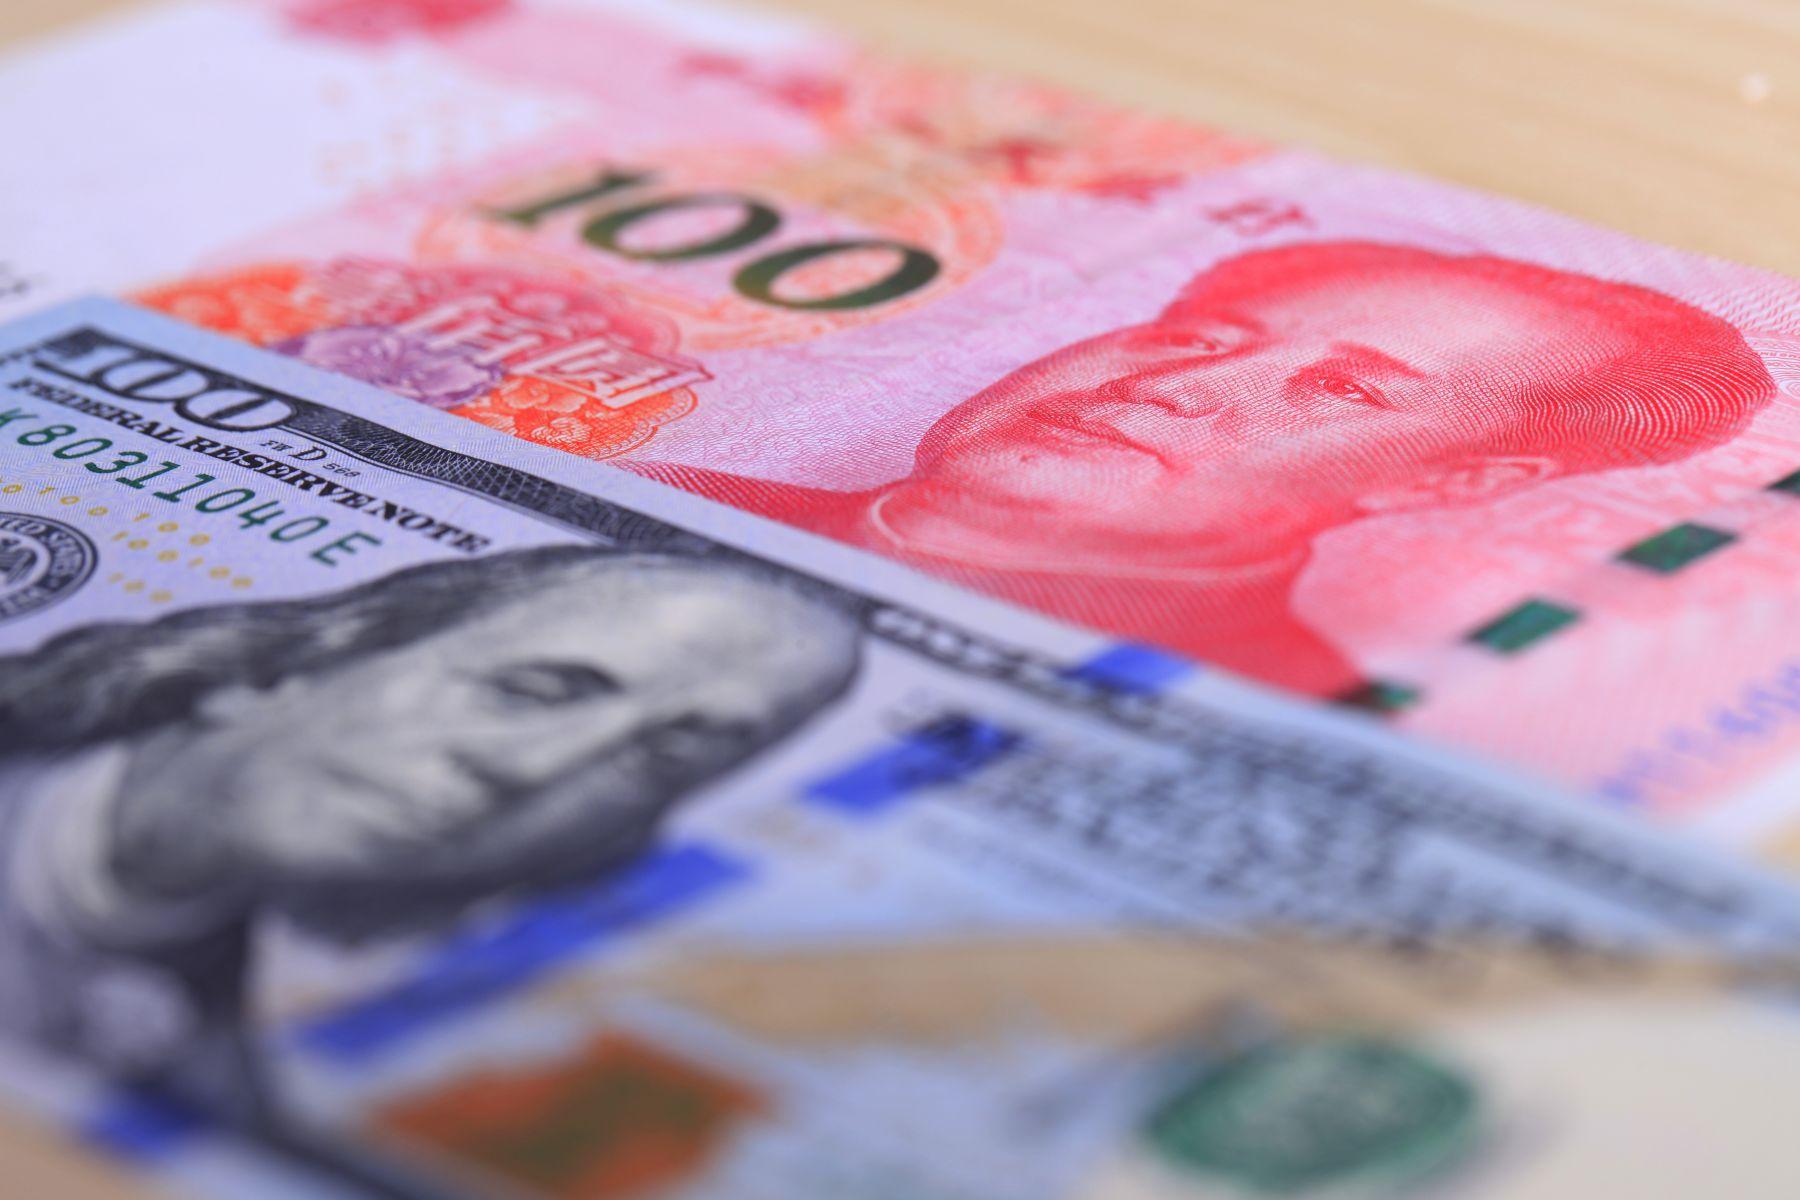 美關稅苦逼 傳中國將回絕貿易談判